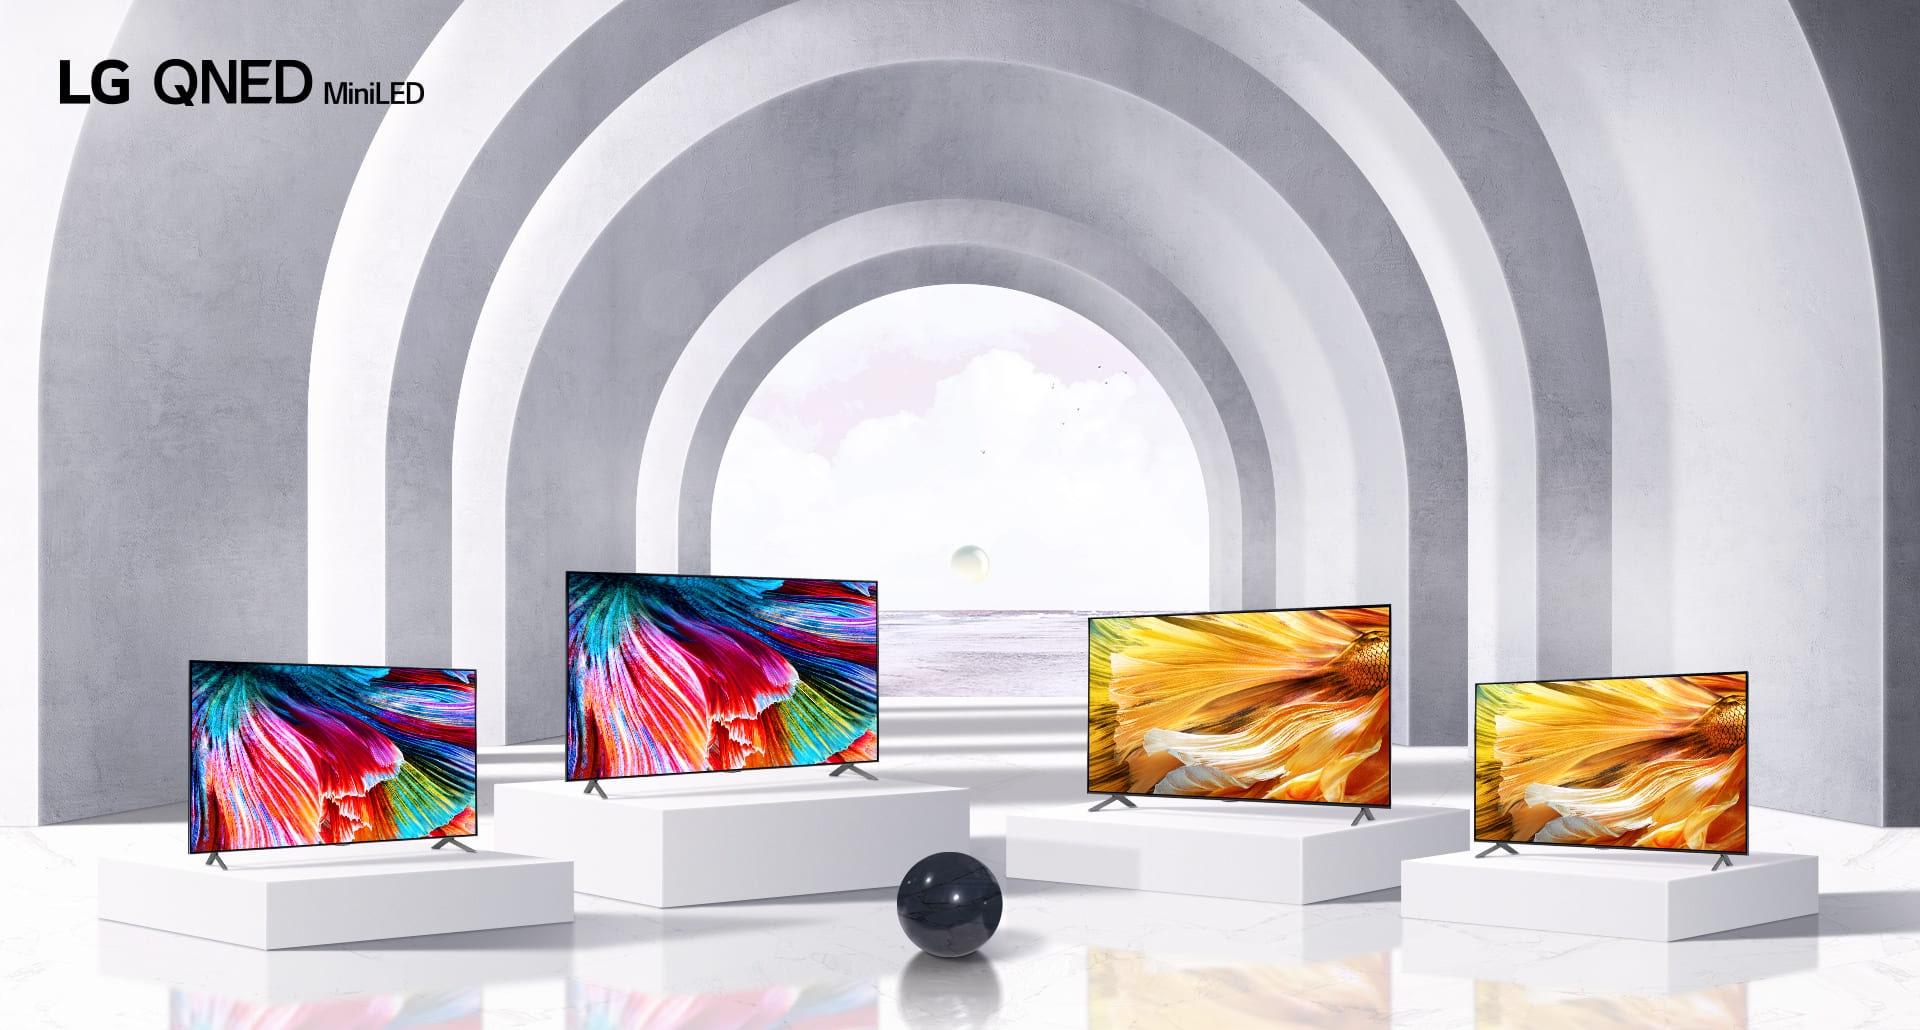 2021 年推出的 OLED 、 QNED Mini LED 、 NanoCell 一奈米電視及 UHD 電視全面採用 webOS 6.0。LG 廣受好評的搭配全新 AI 語音滑鼠搖控器,獻給觀眾樂趣滿載、更直觀的內容瀏覽體驗。